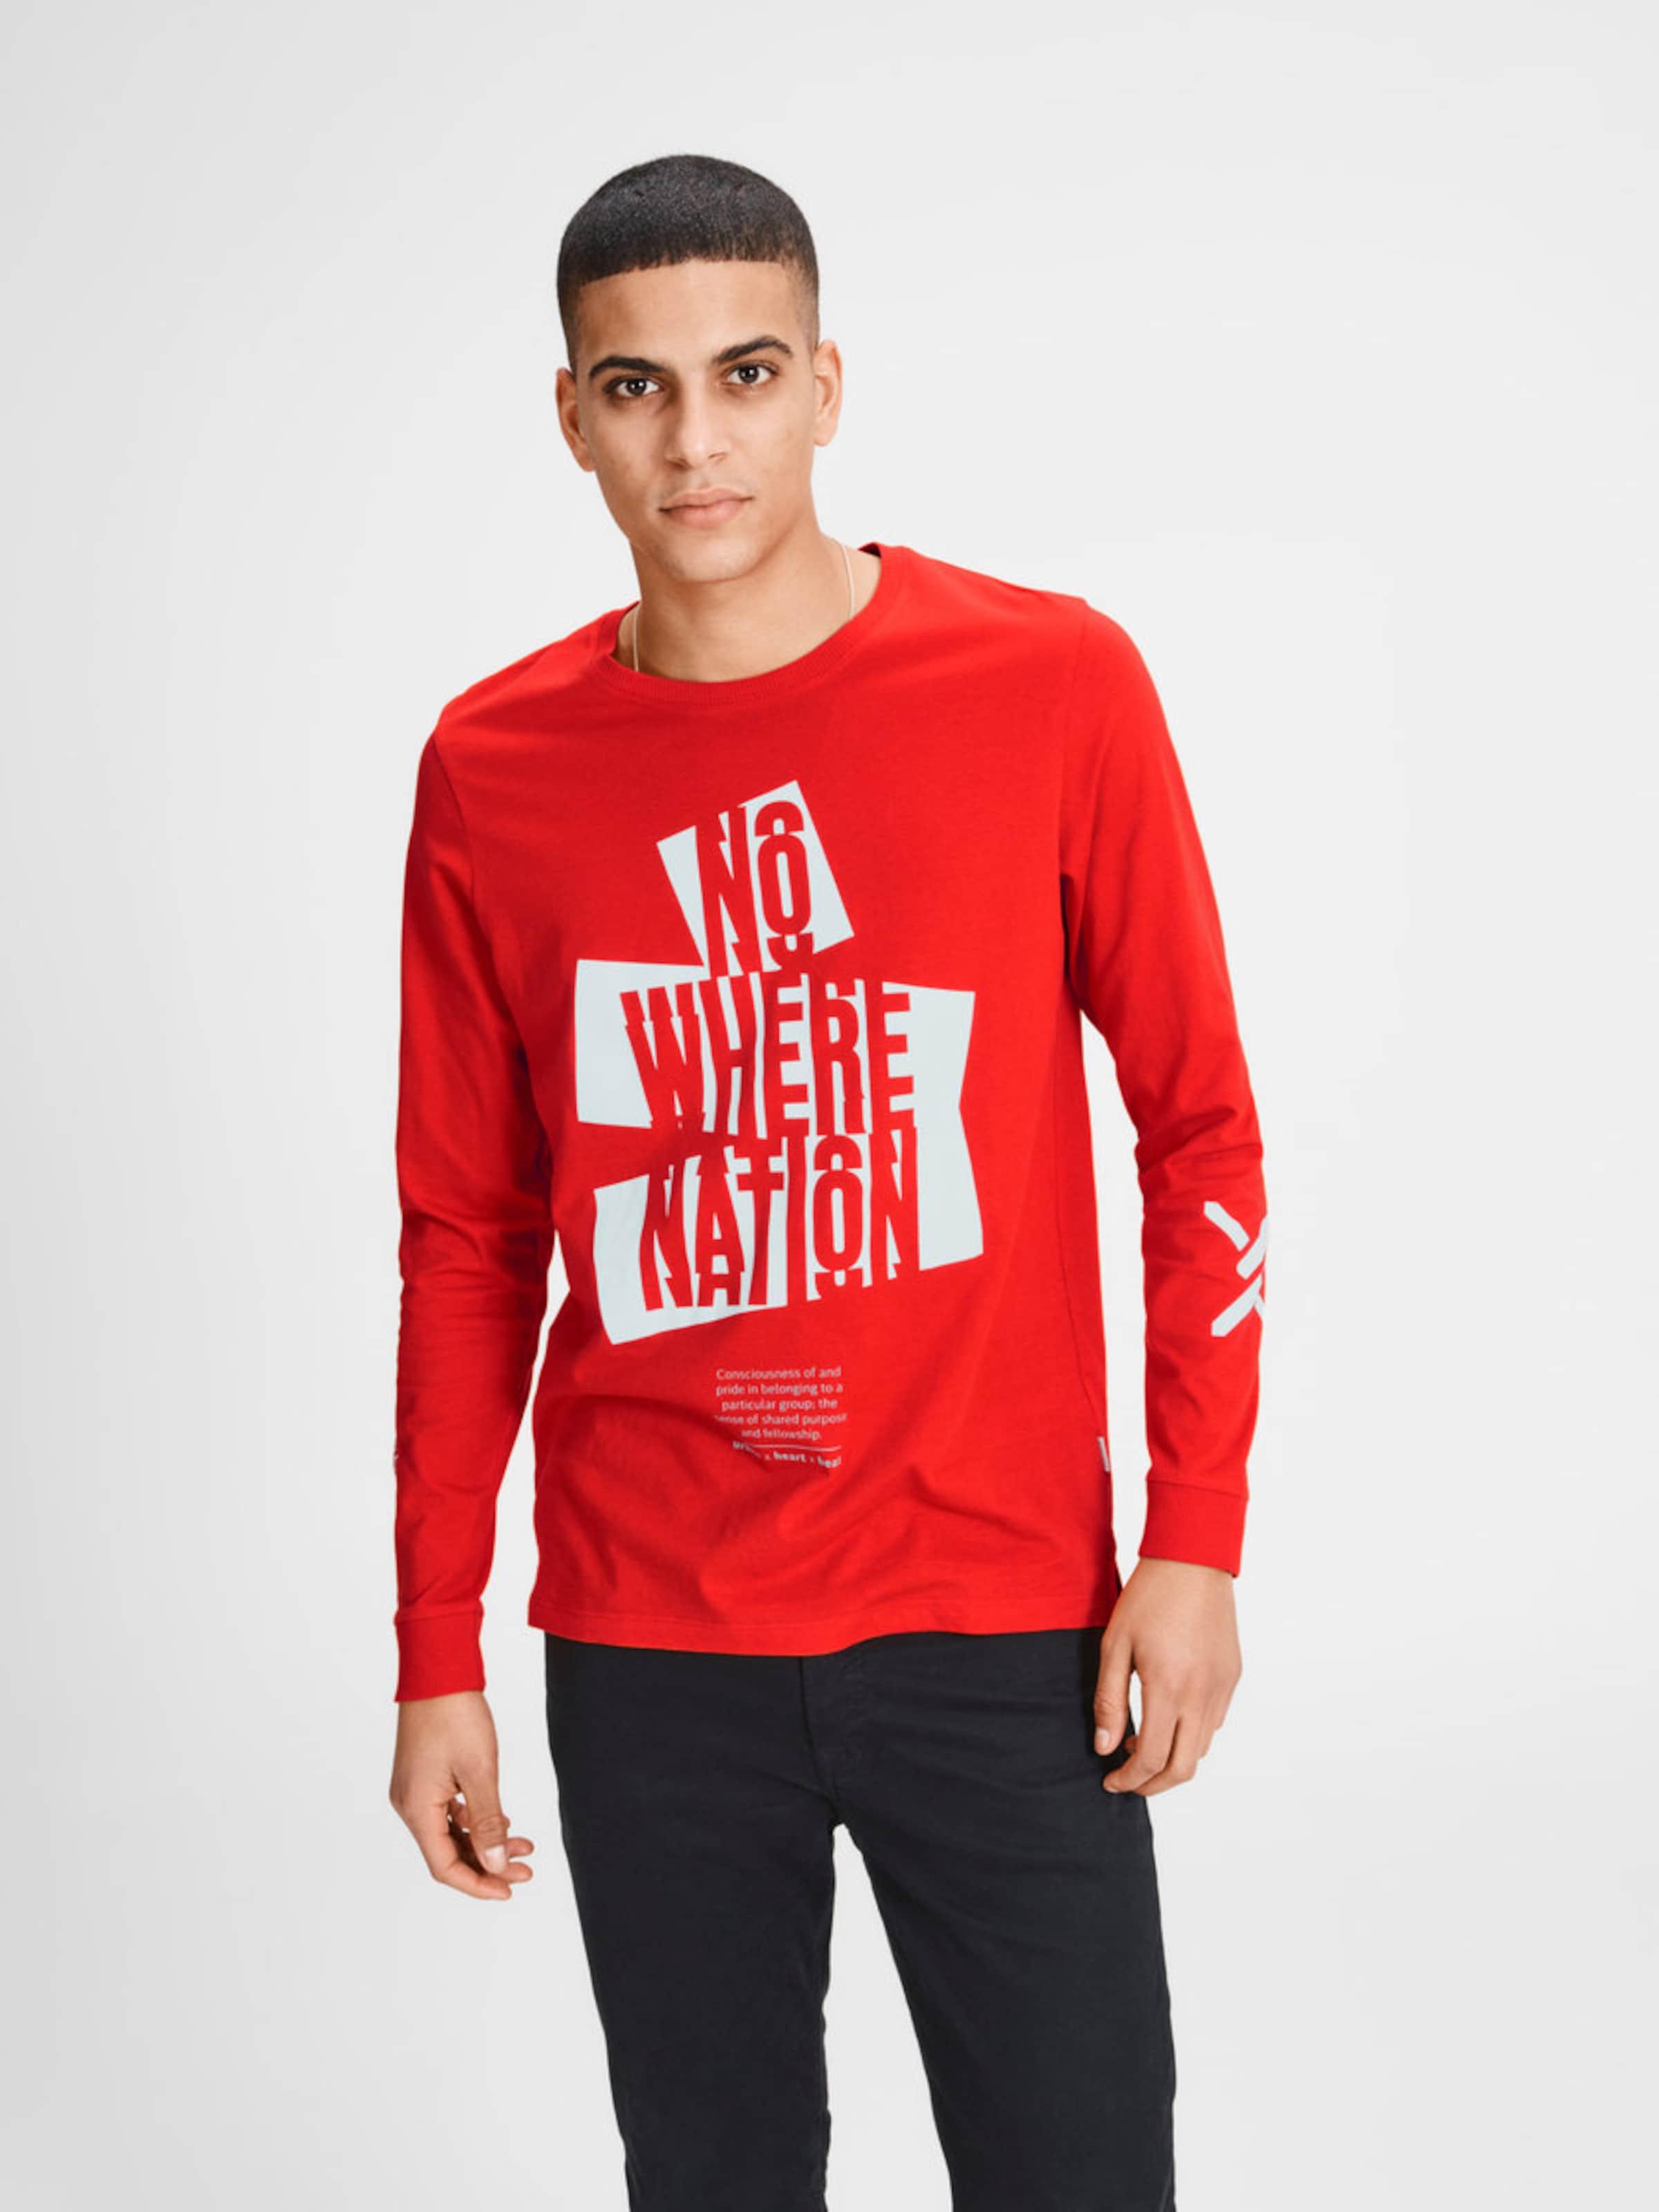 Schnelle Lieferung Günstiger Preis Verkauf Sast JACK & JONES Grafik T-Shirt mit langen Ärmeln Rabatt Günstigsten Preis Mit Visum Zahlen Zu Verkaufen nE7bXleloV